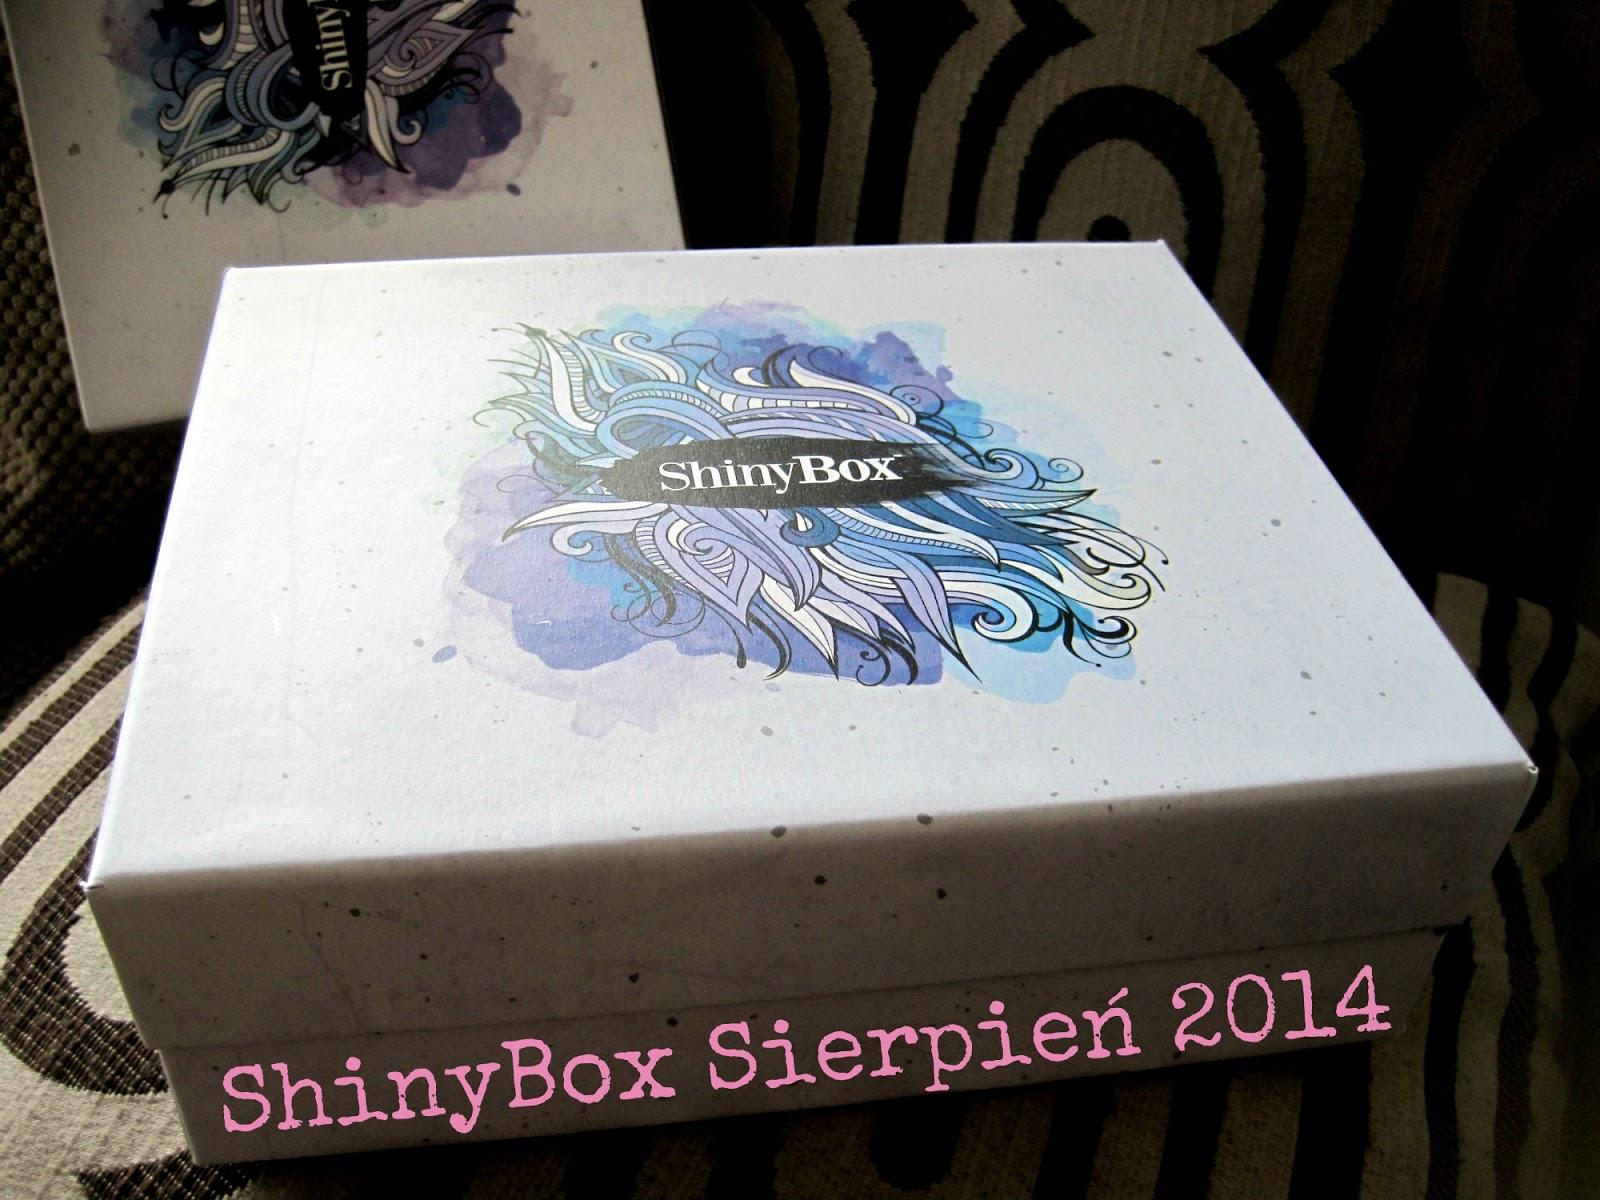 ShinyBox Sierpień 2014 - zawartośc i pierwsze wrażenia